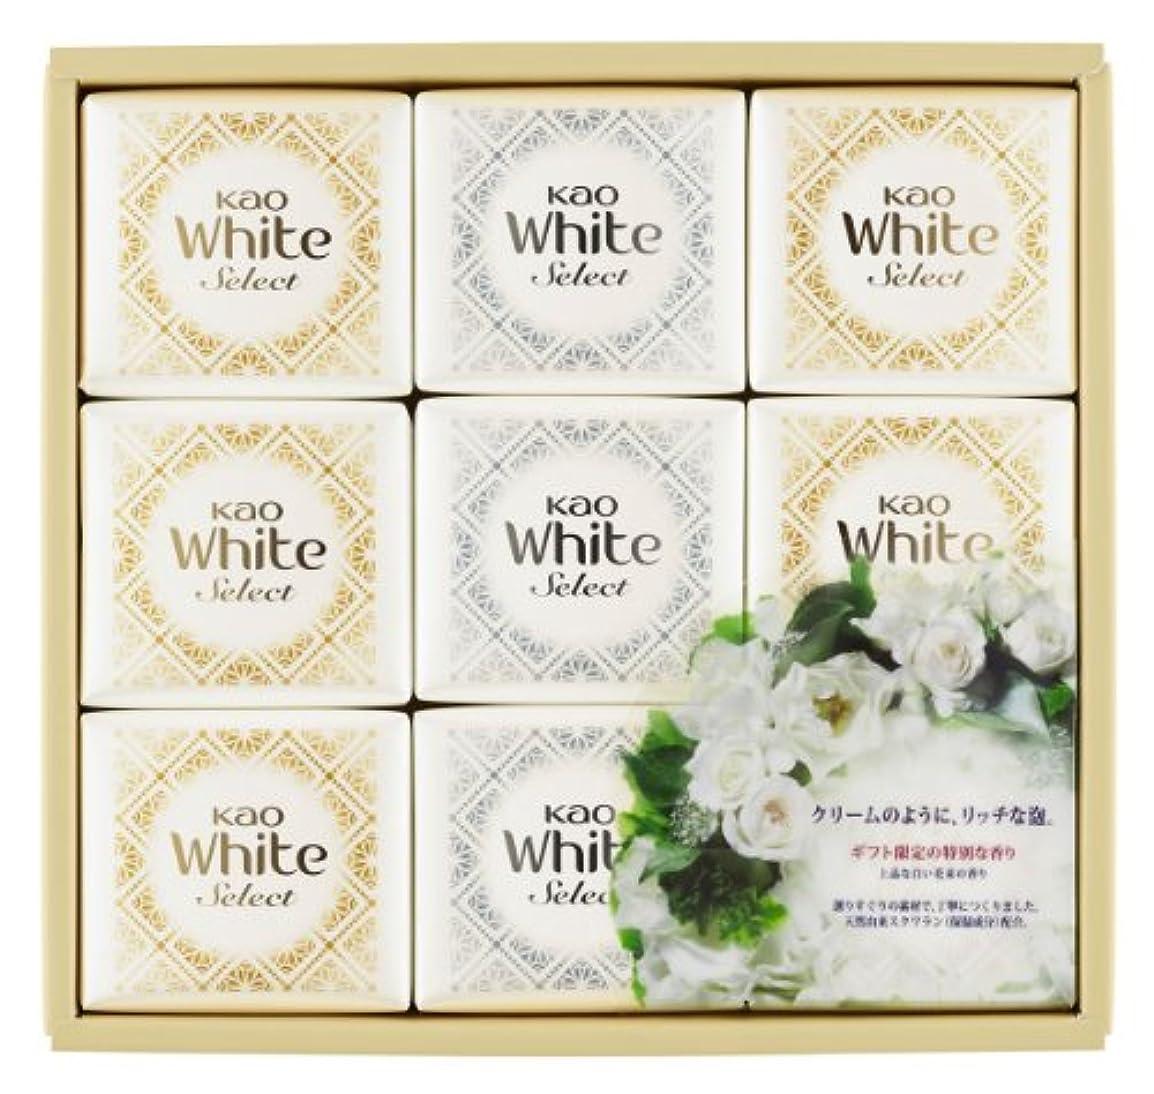 外交官舞い上がる免除花王ホワイト セレクト 上品な白い花束の香り 85g 9コ K?WS-15